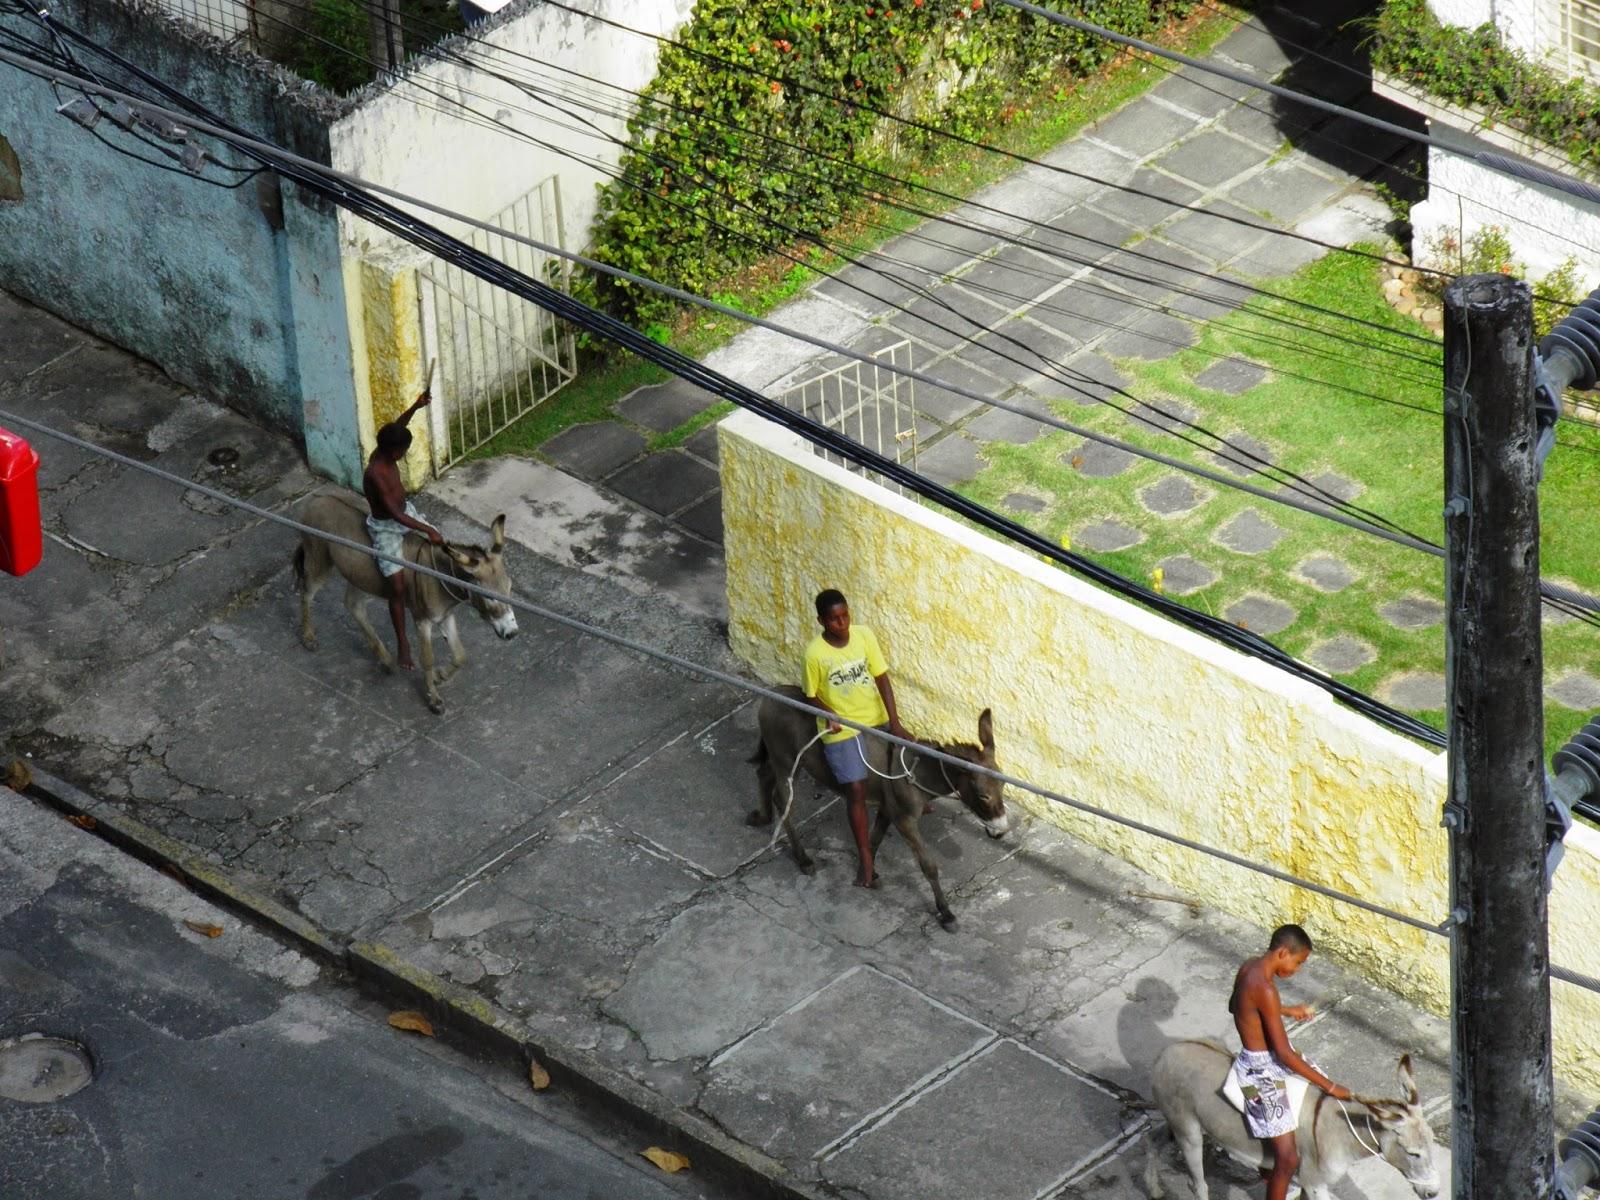 ANIMAIS E MEIOS DE TRANSPORTE; USO INDEVIDO DE ANIMAIS; ANIMAIS DE TRAÇÃO;